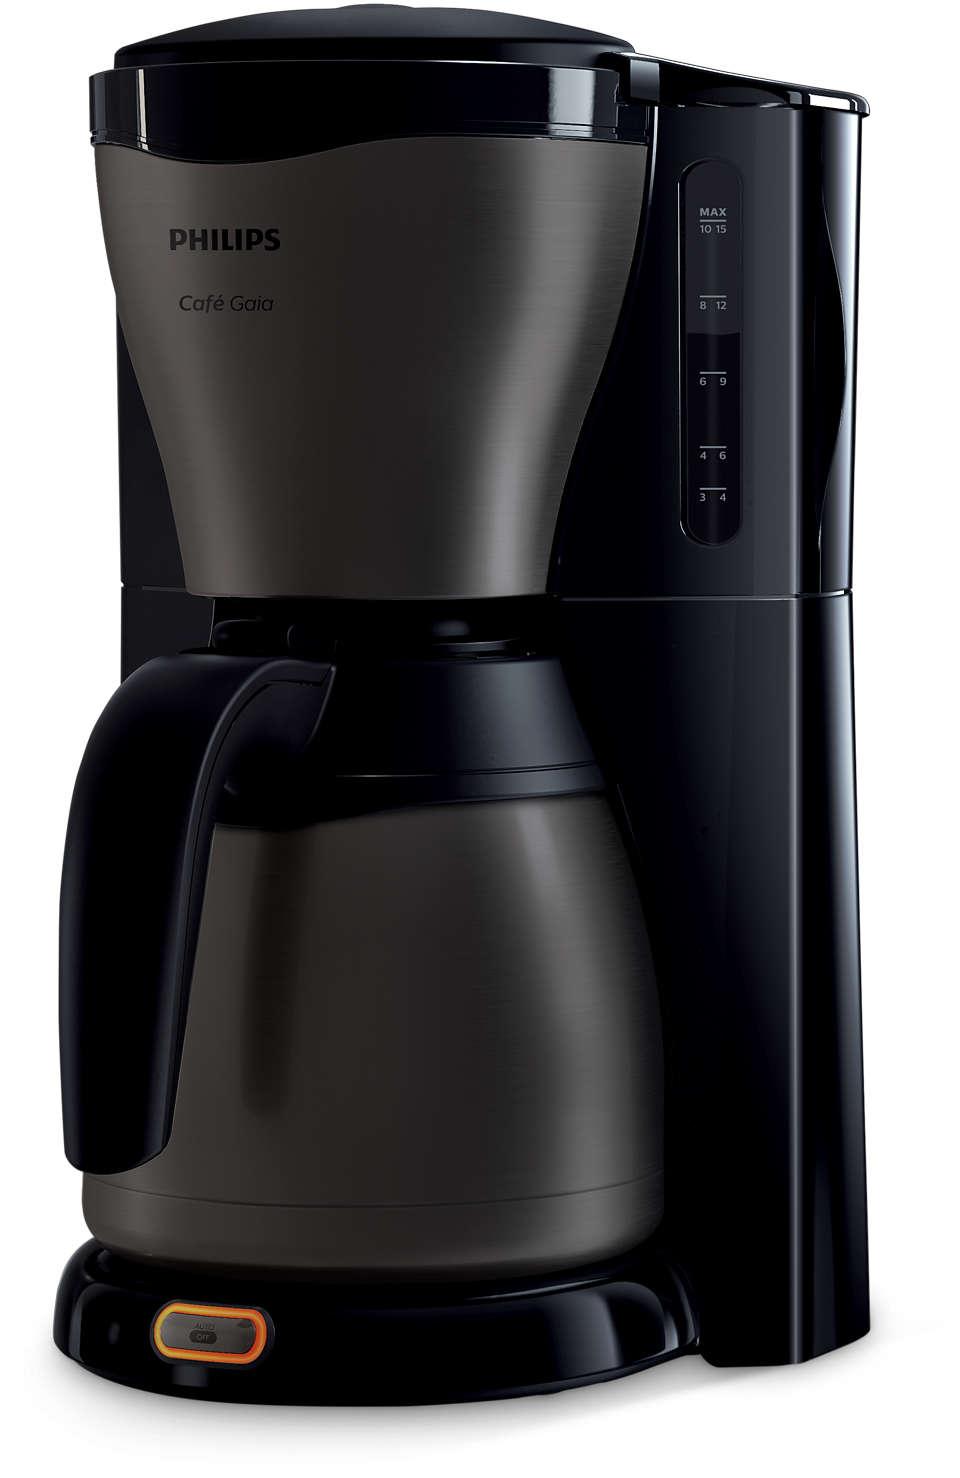 經典設計,泡製美味熱咖啡